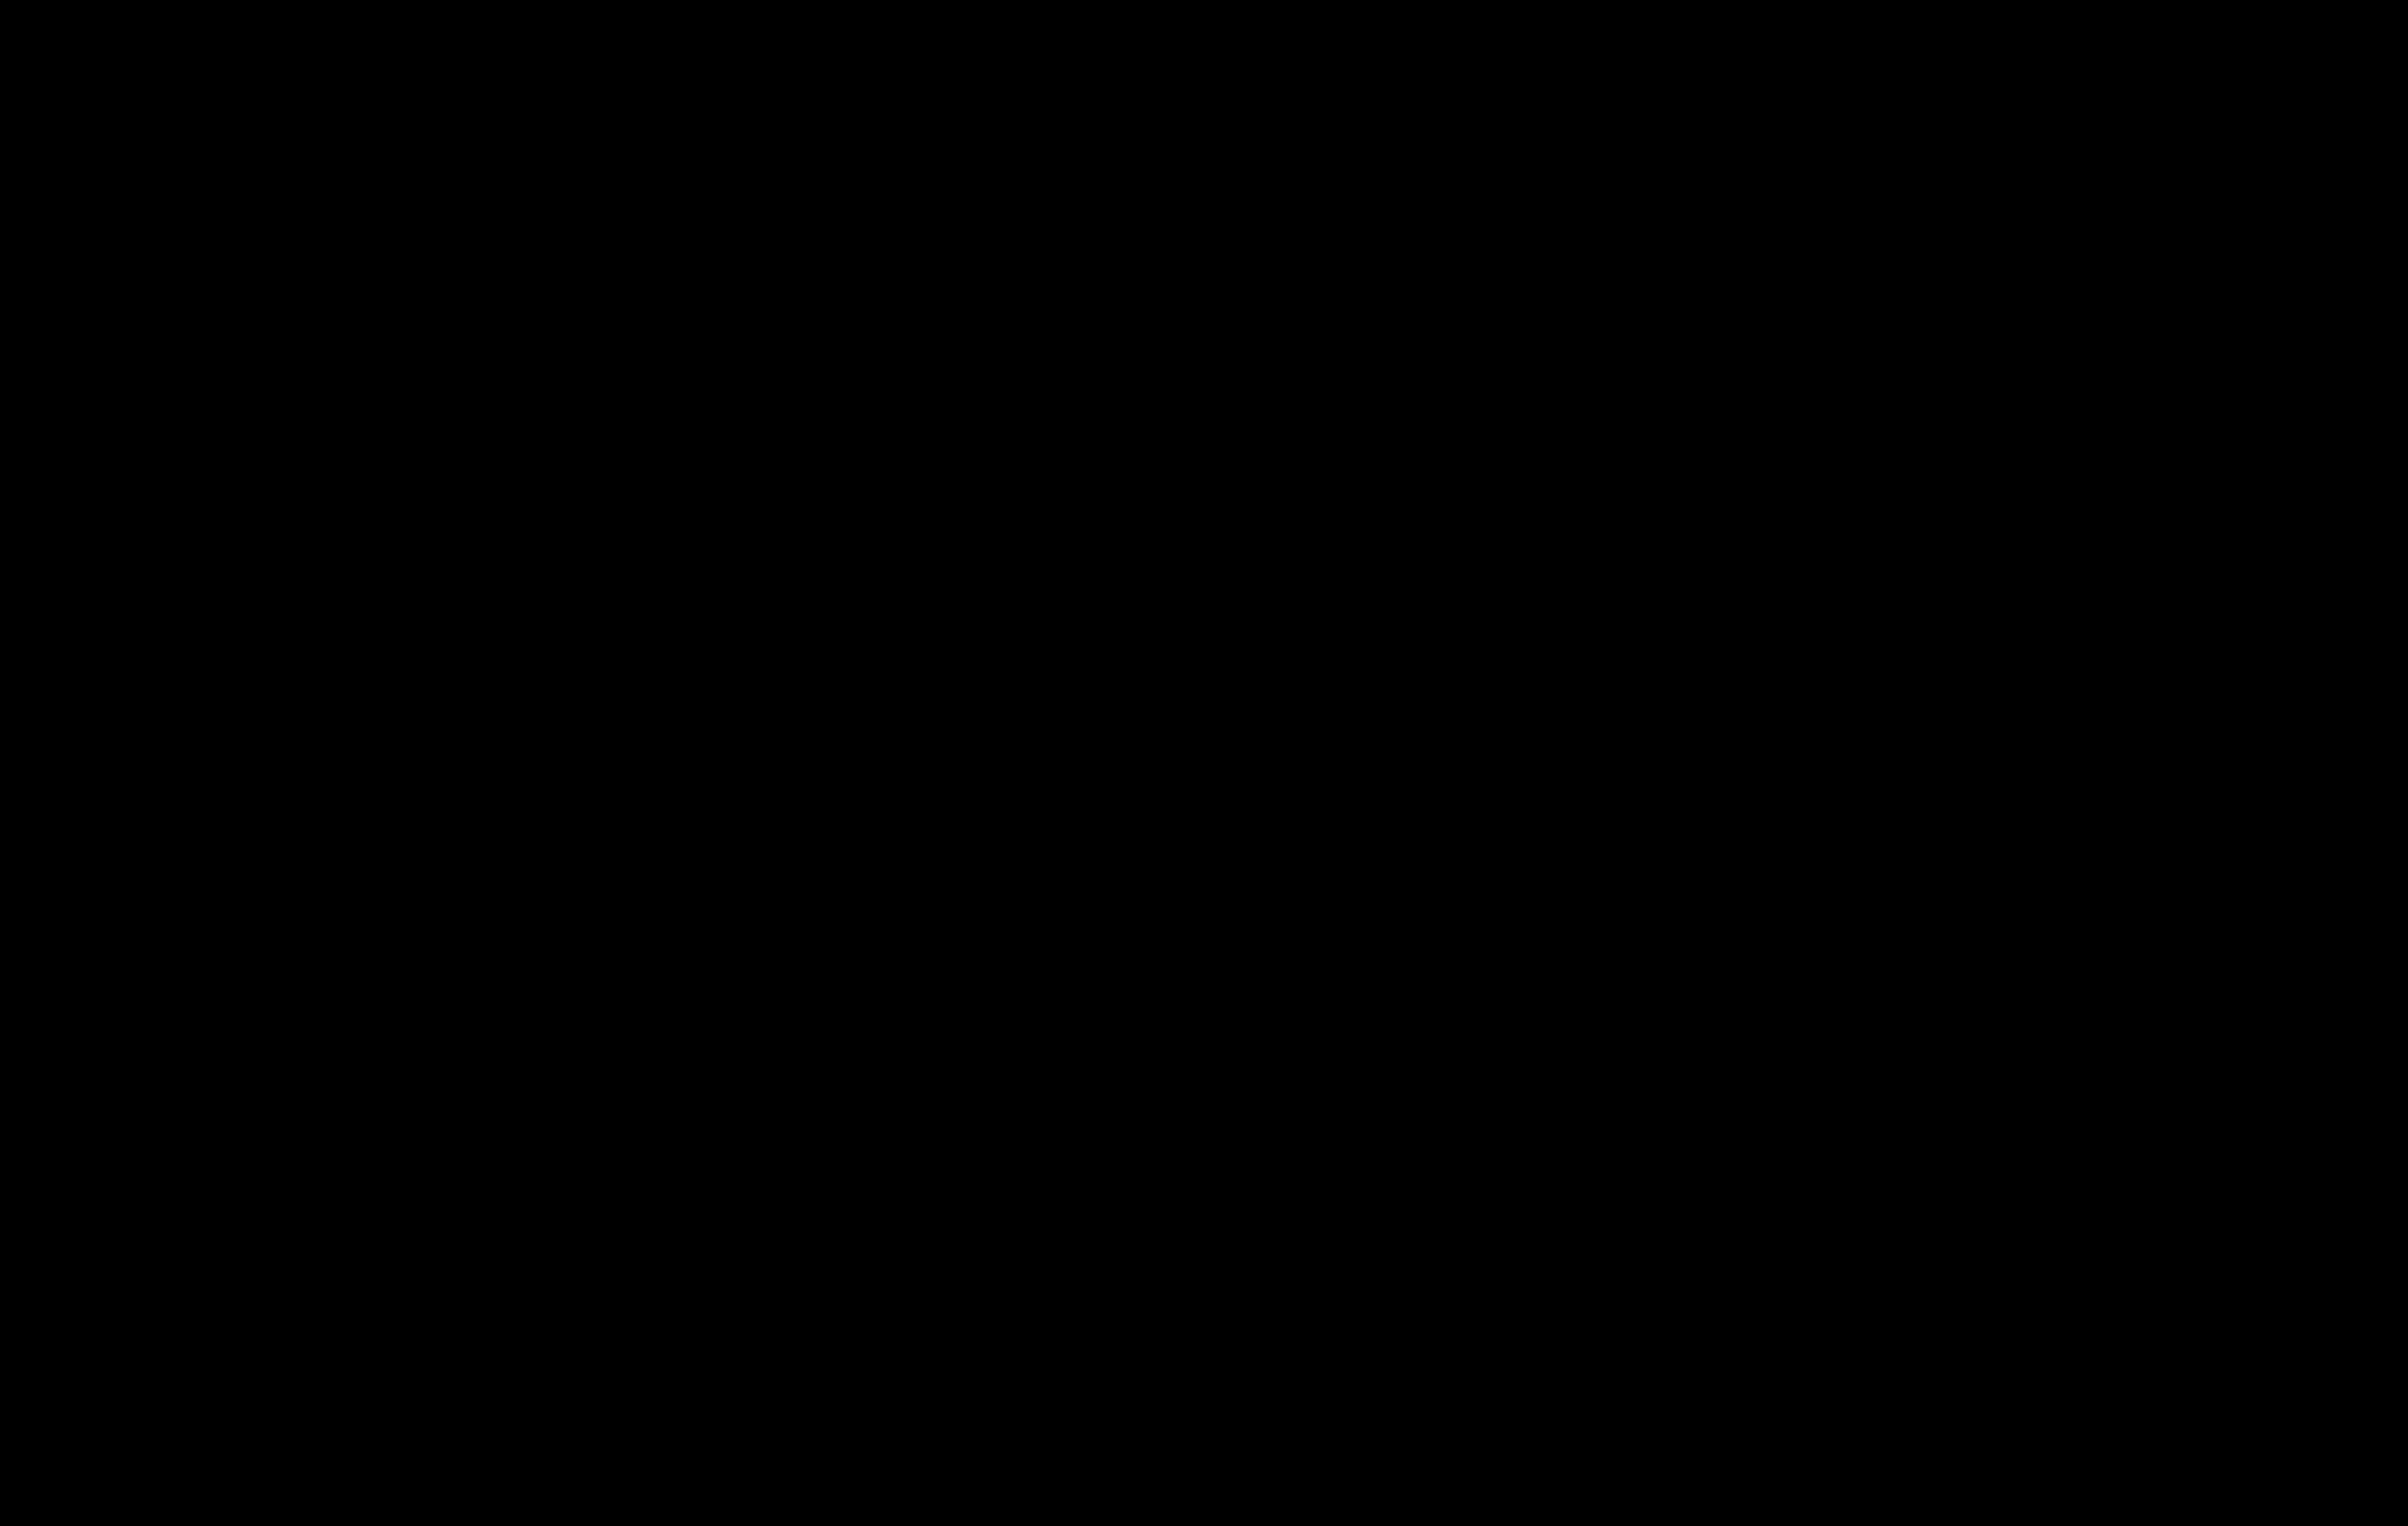 meghan-black-logo-black.png